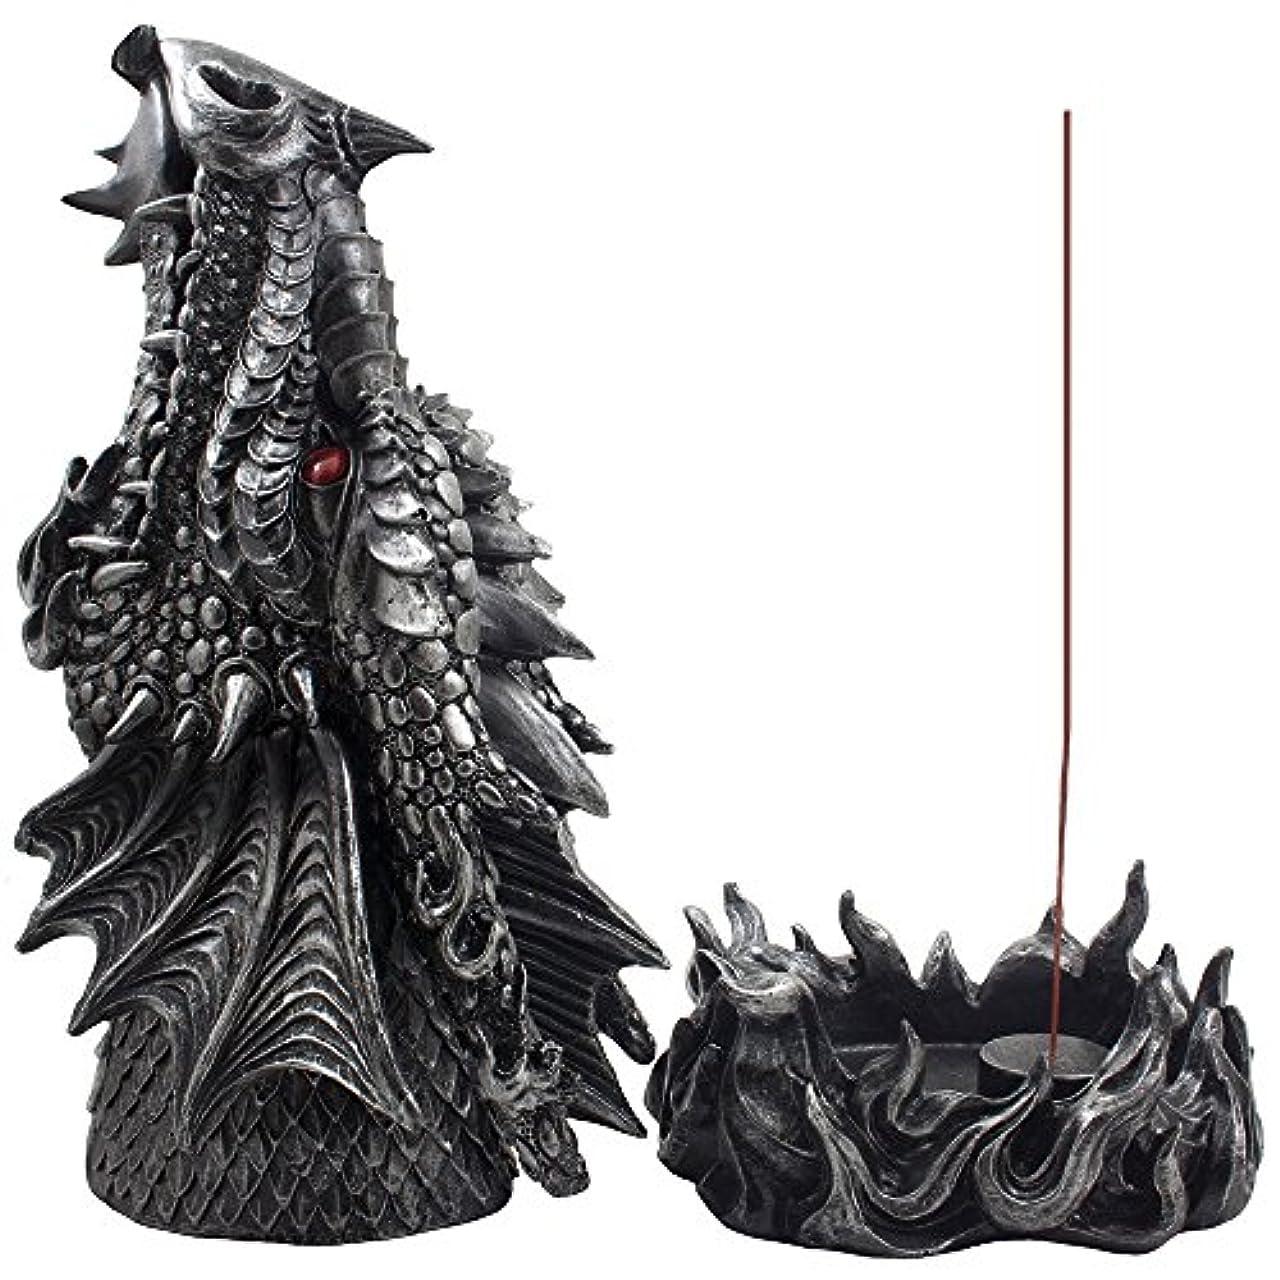 スワップ一人で警察Mythical Fire Breathing Dragon Incense Holder & Burner Combo Statue for Sticks or Cones with Decorative Display...